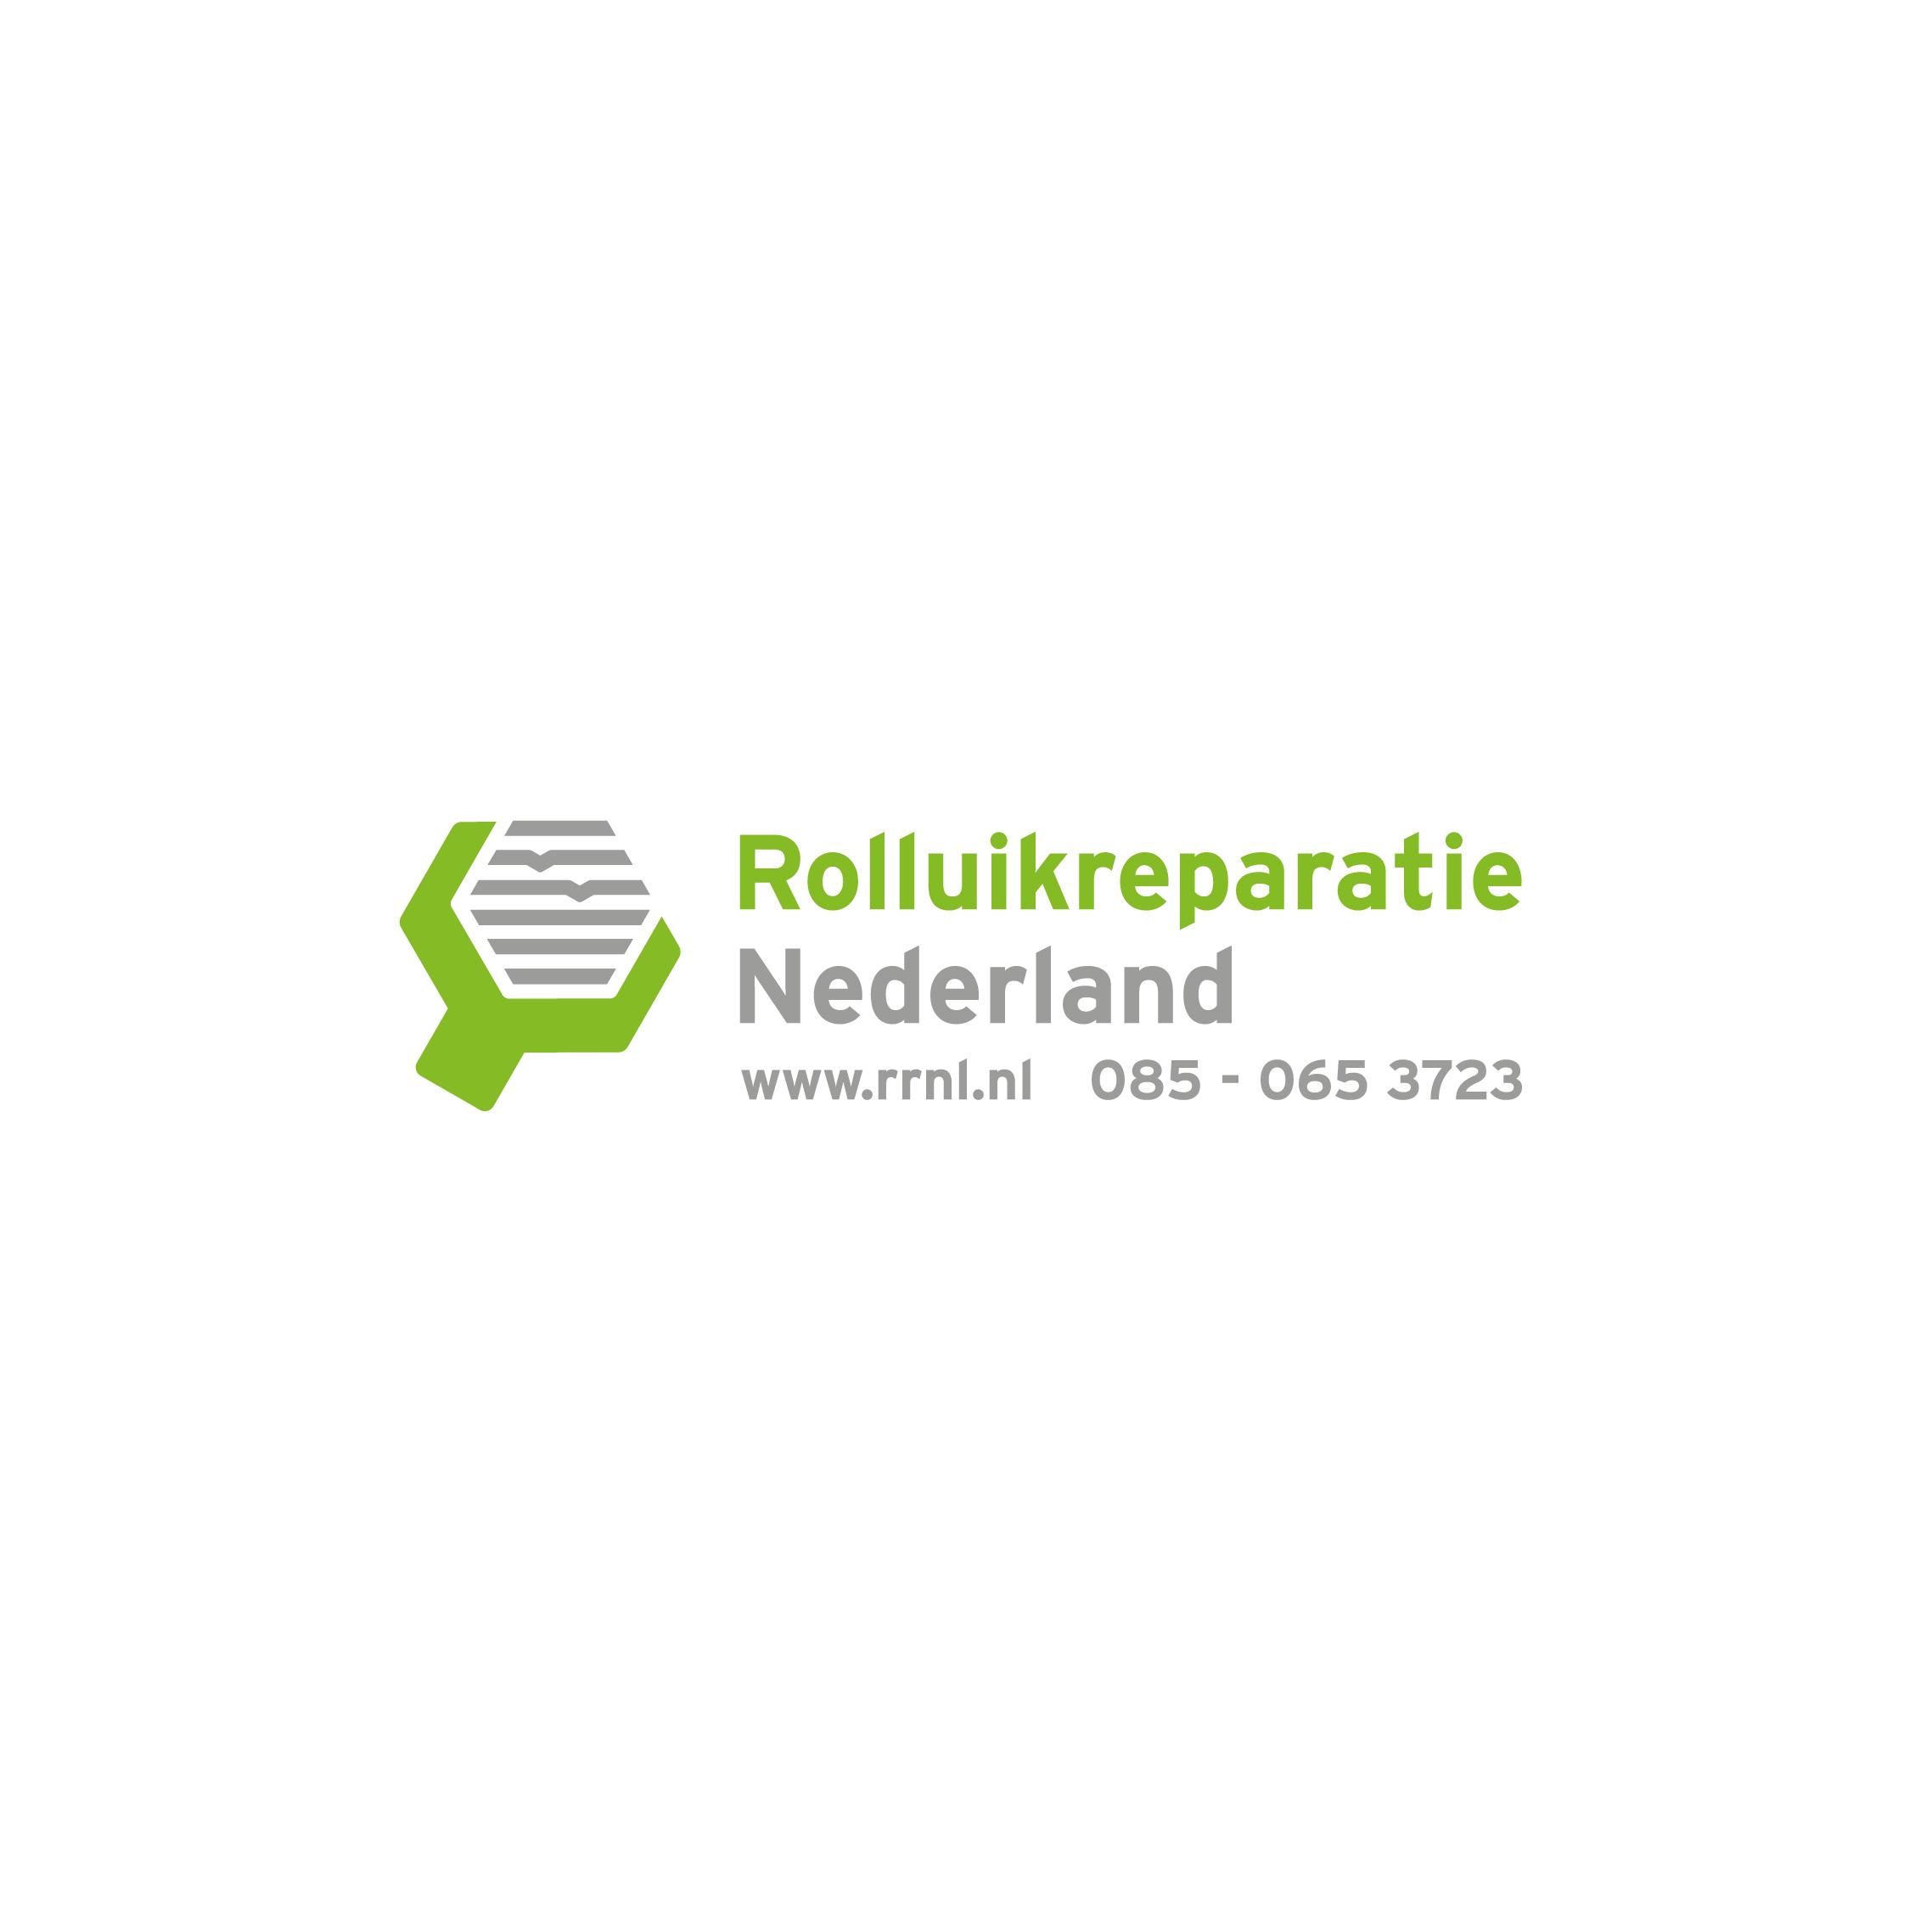 rolluikreparatie-nederland-bv